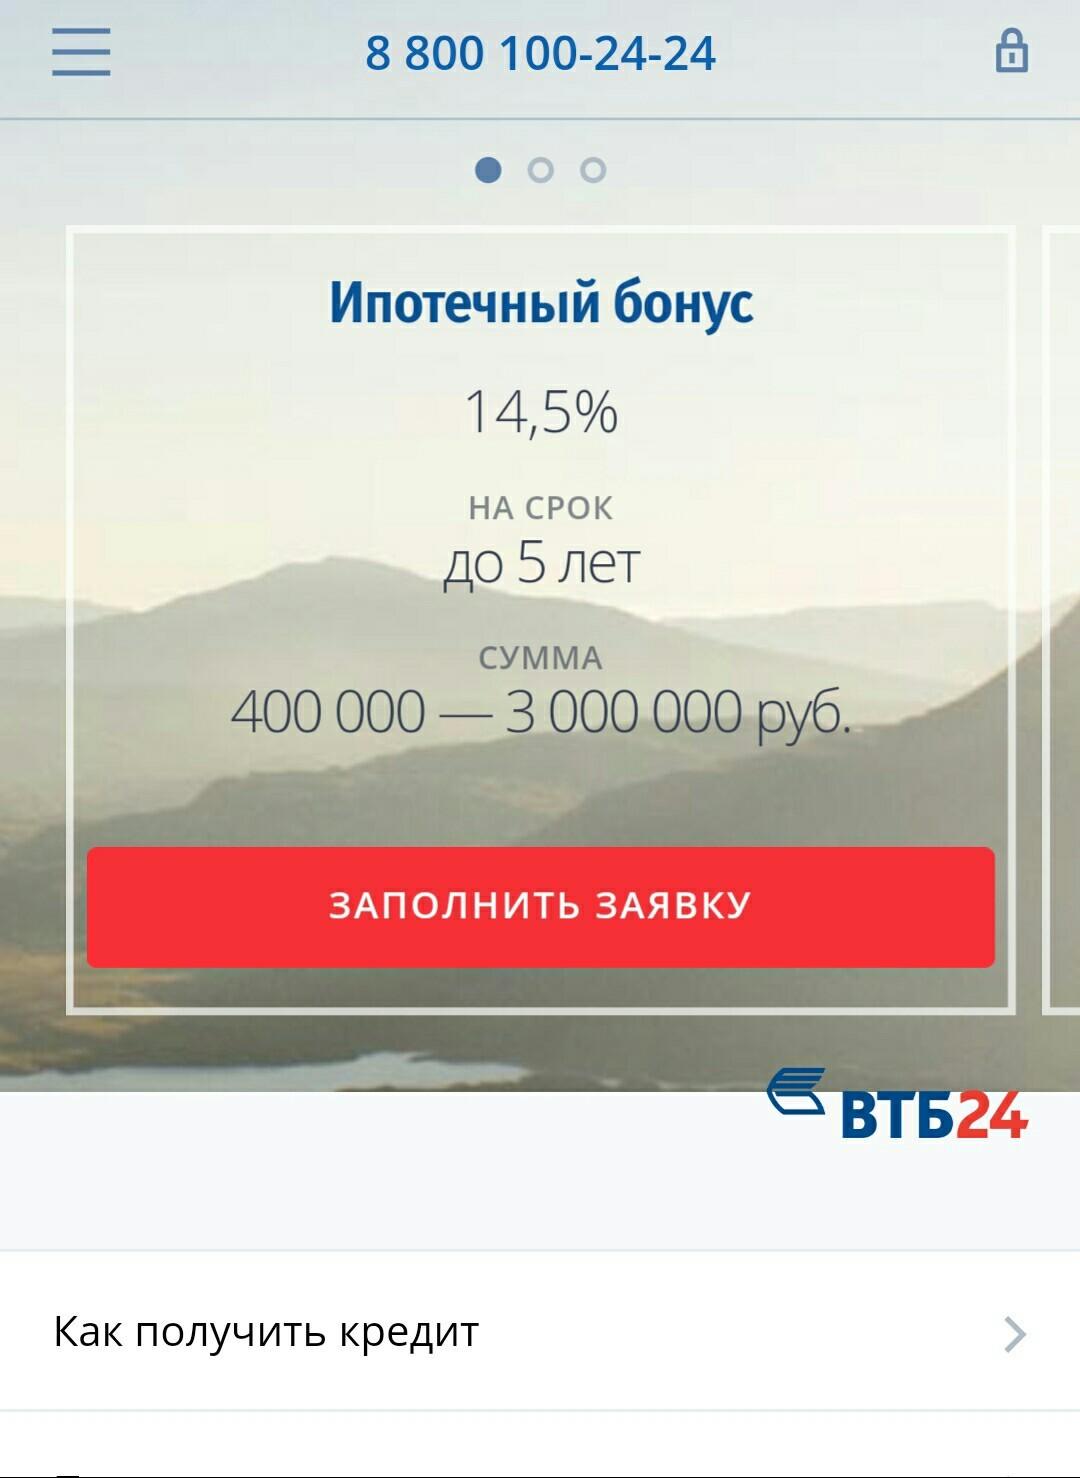 Если взять кредит в втб24 как инвестировать в недвижимость правильно